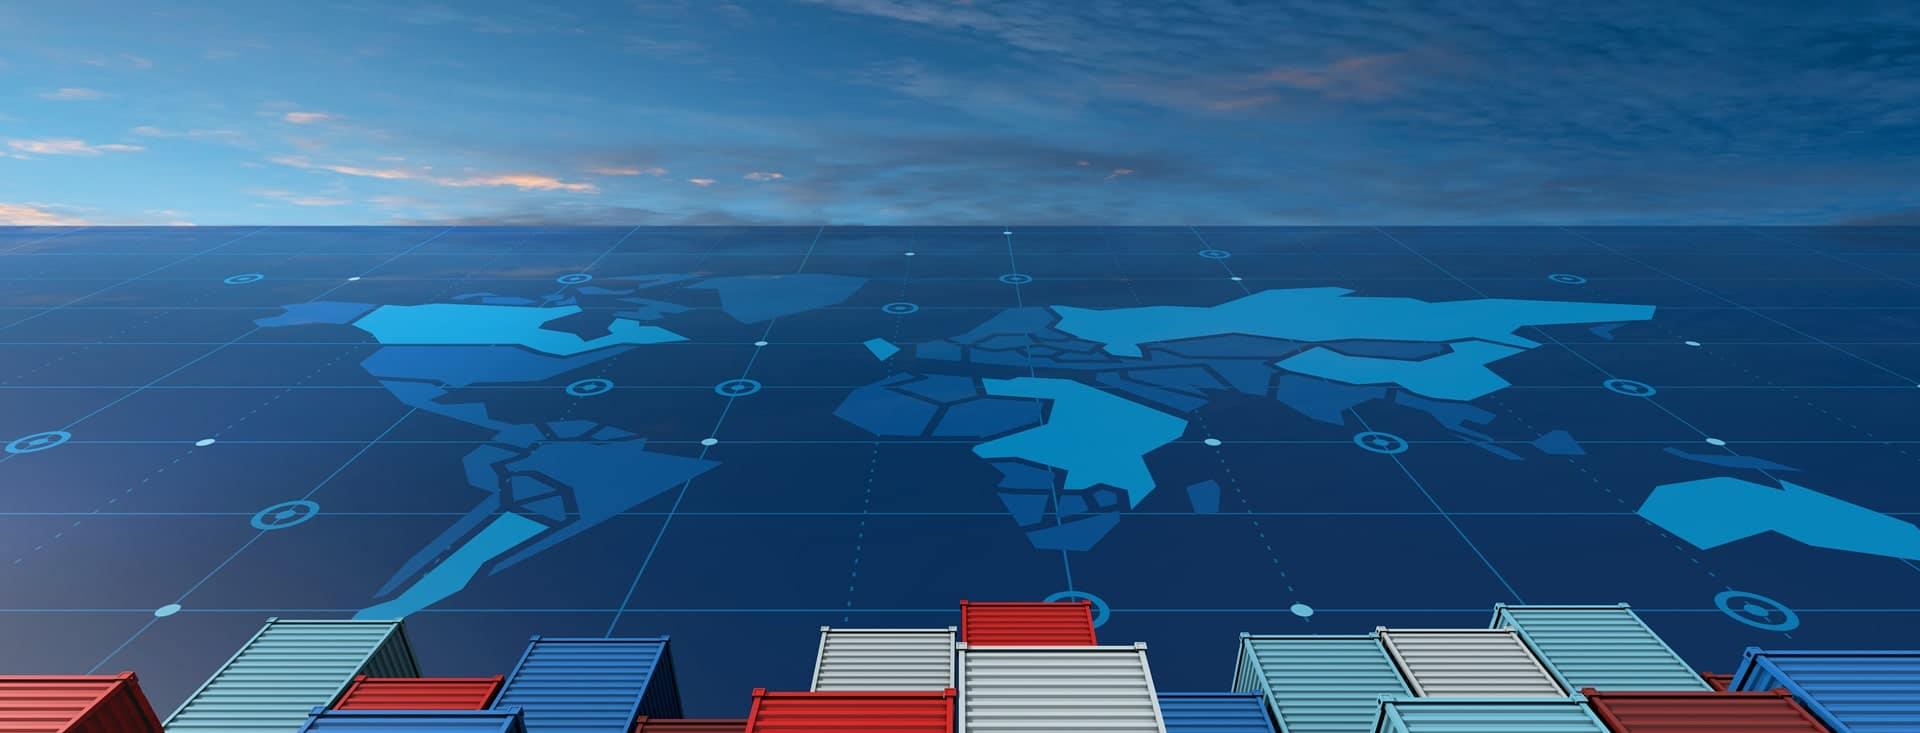 Envíos Aéreoa y Marítimos a Otros Países